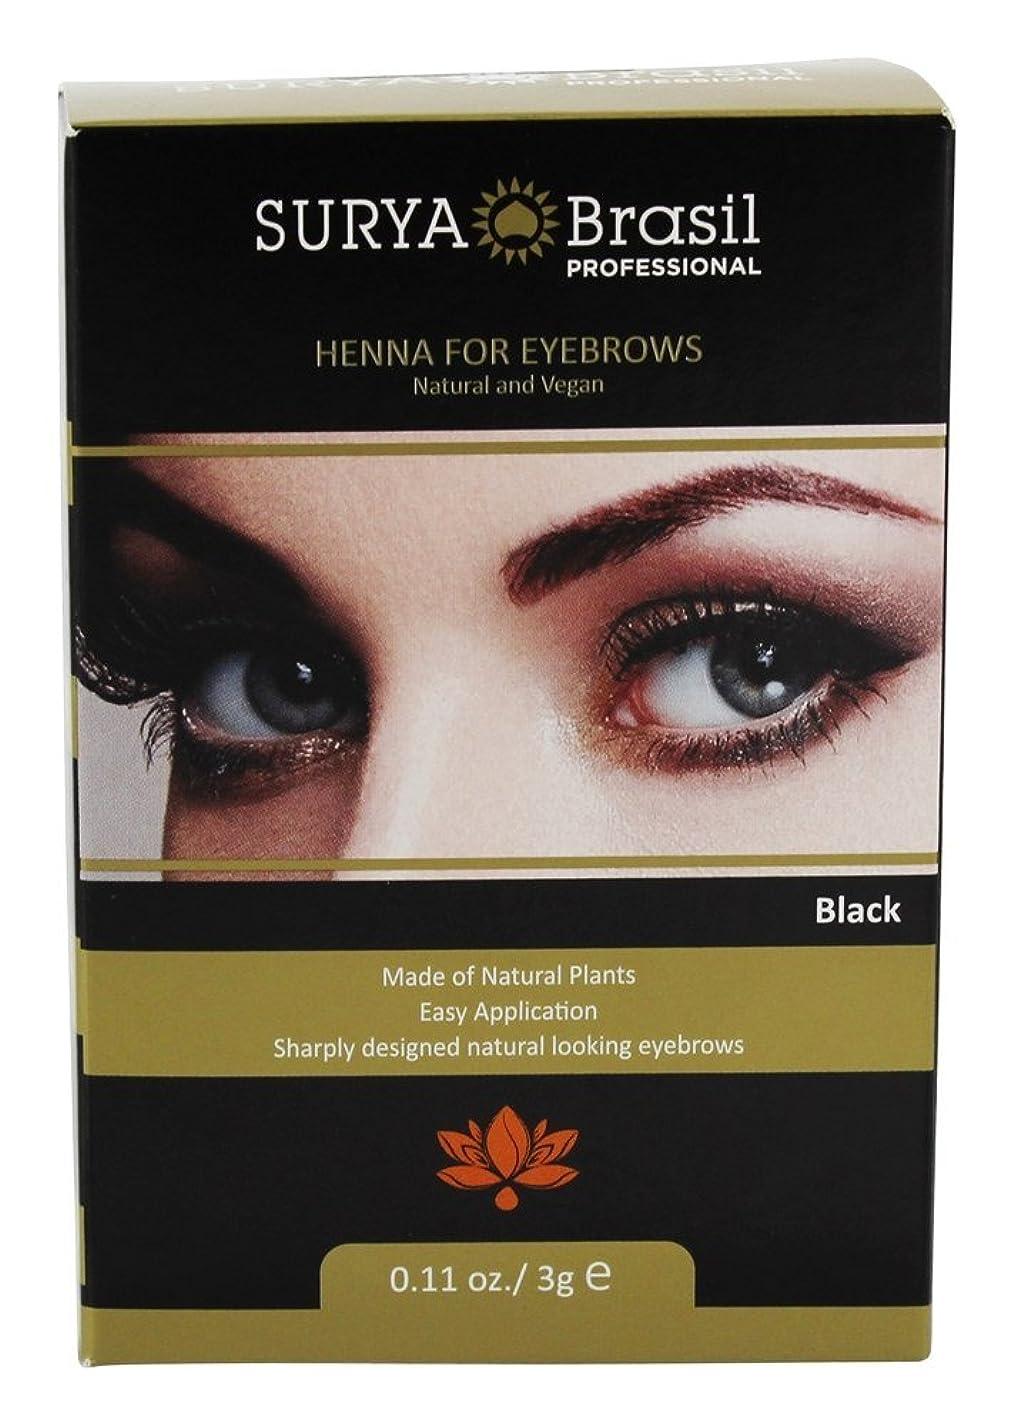 不名誉影響神経衰弱Surya Brasil Products 眉毛のためのヘナ、 0.11液量オンス ブラック